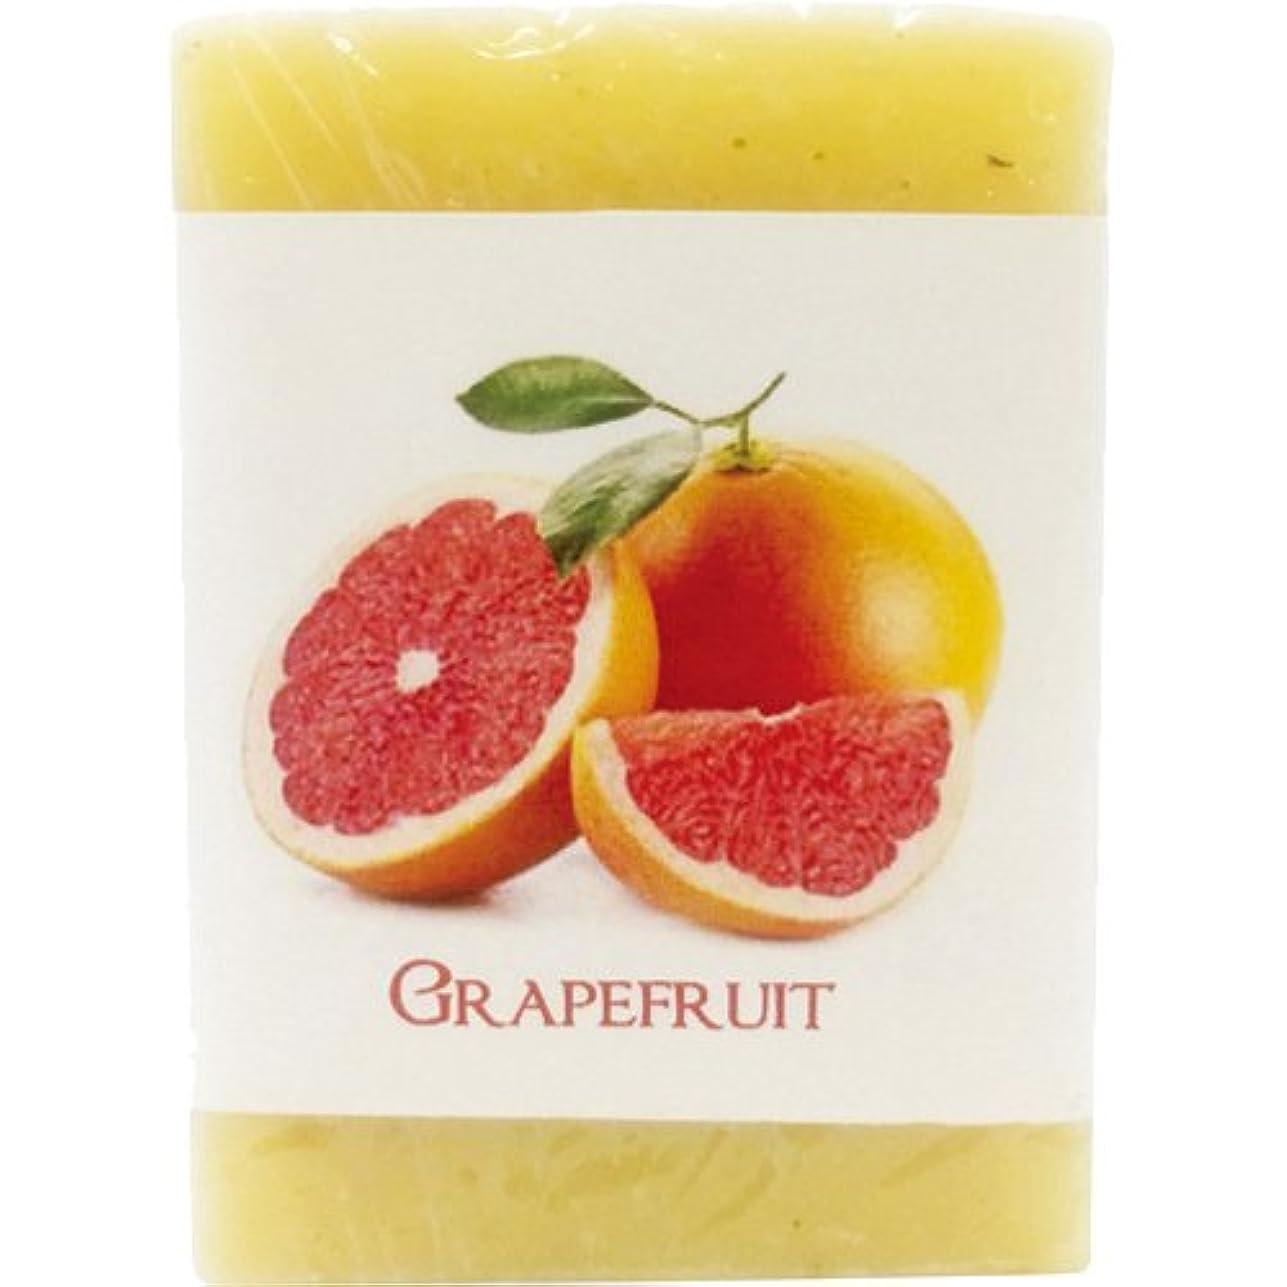 強制的保証レジジョン&ダイアナソープ グレープフルーツ